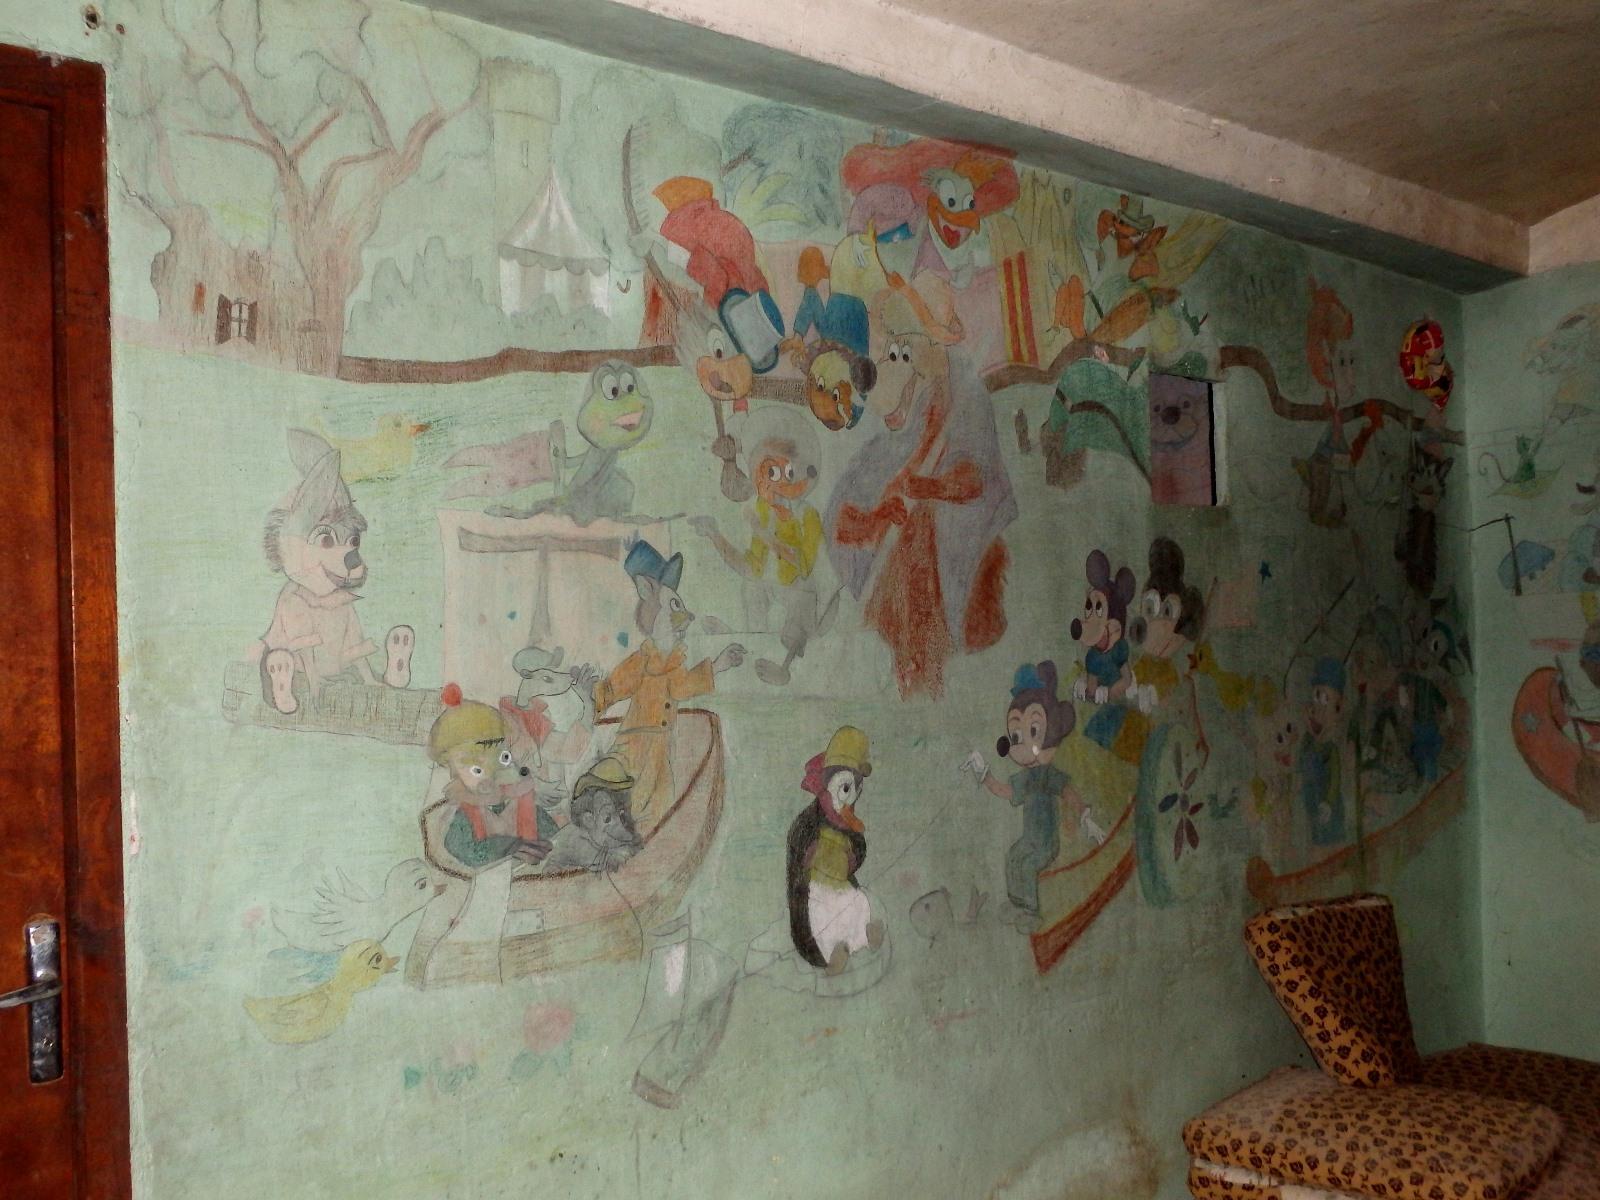 Decoration Avec Porte Manteau Avec Pied Dans Les Escalier